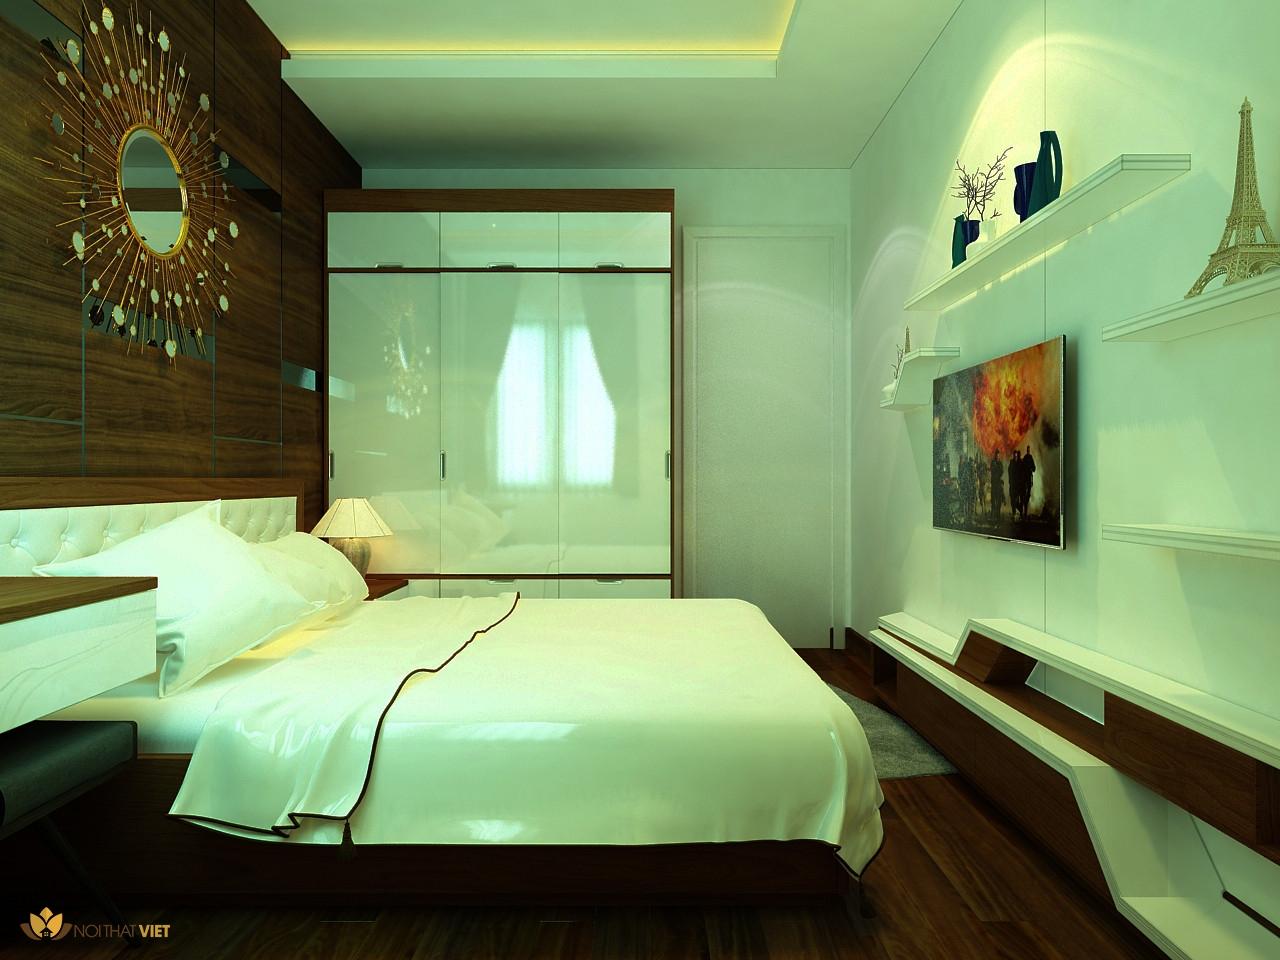 kệ trang trí trong phòng ngủ